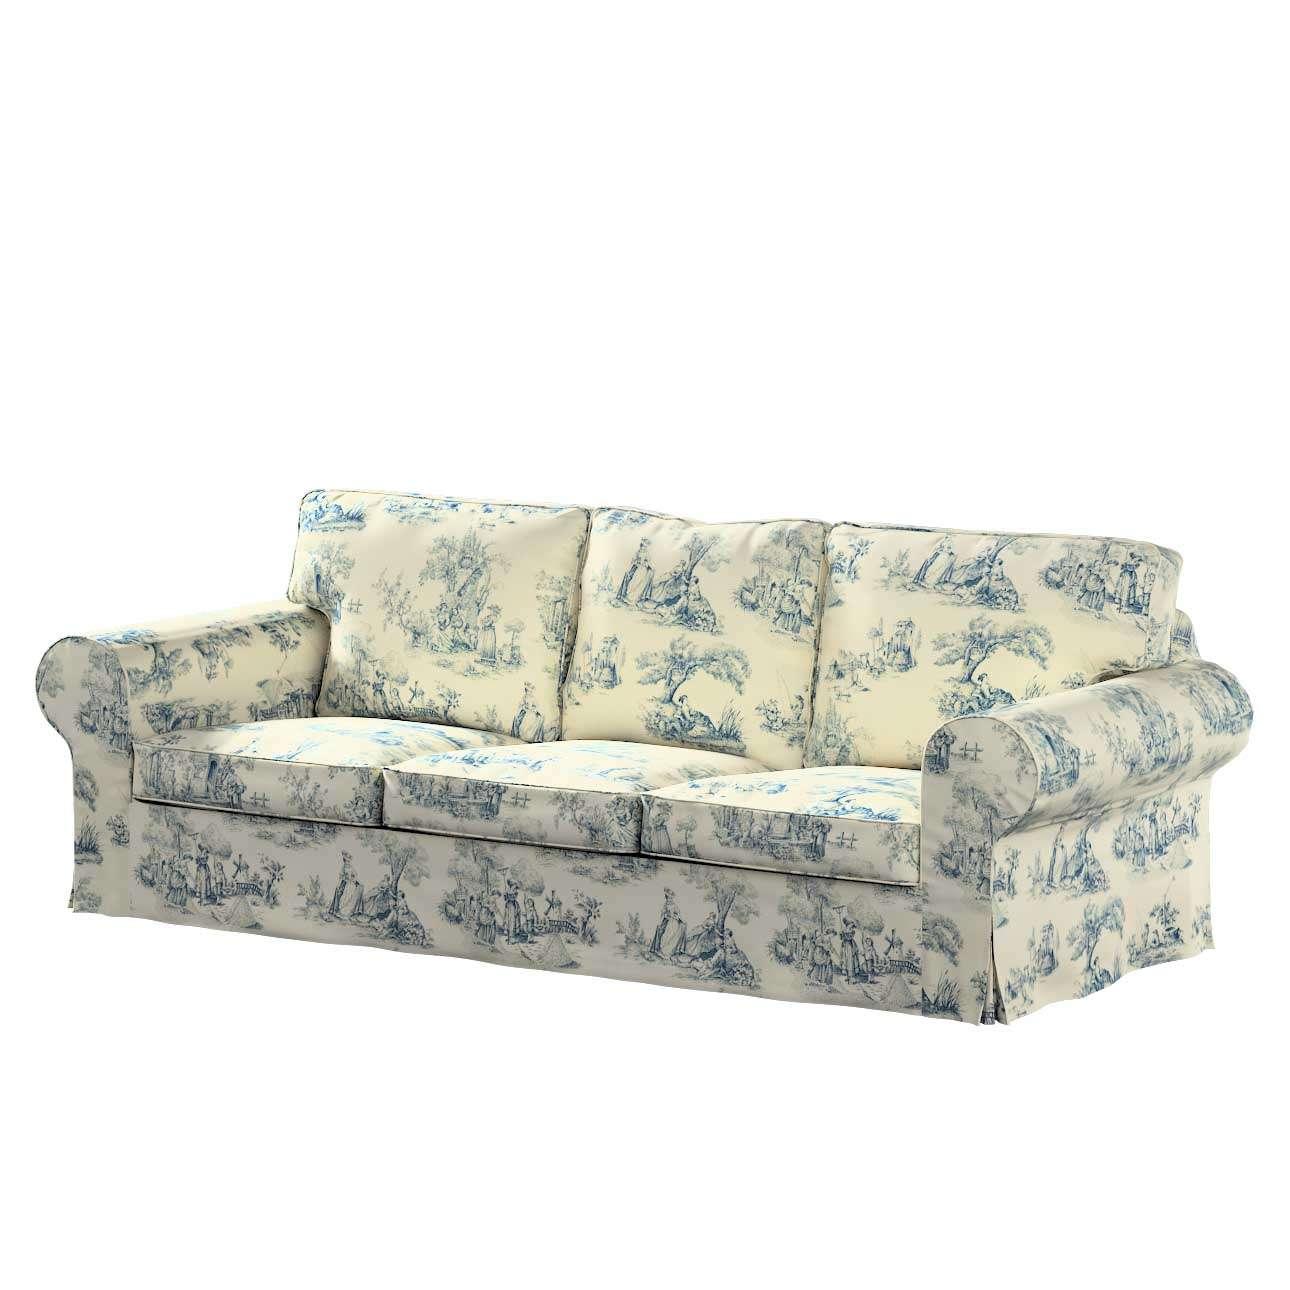 Pokrowiec na sofę Ektorp 3-osobową, nierozkładaną w kolekcji Avinon, tkanina: 132-66